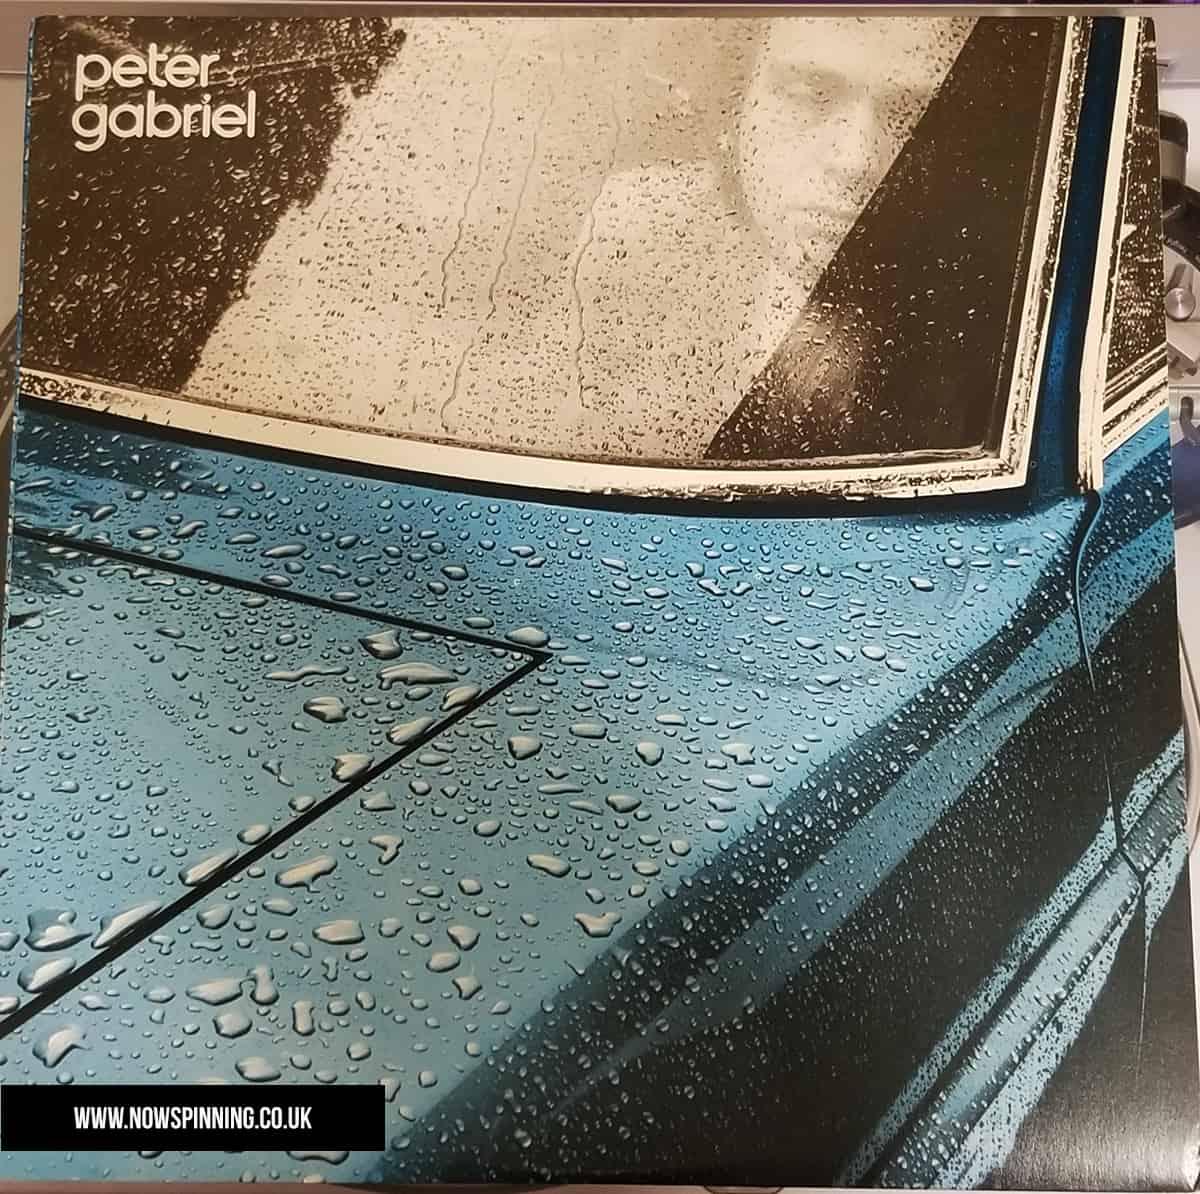 Peter Gabriel 1st solo album front cover